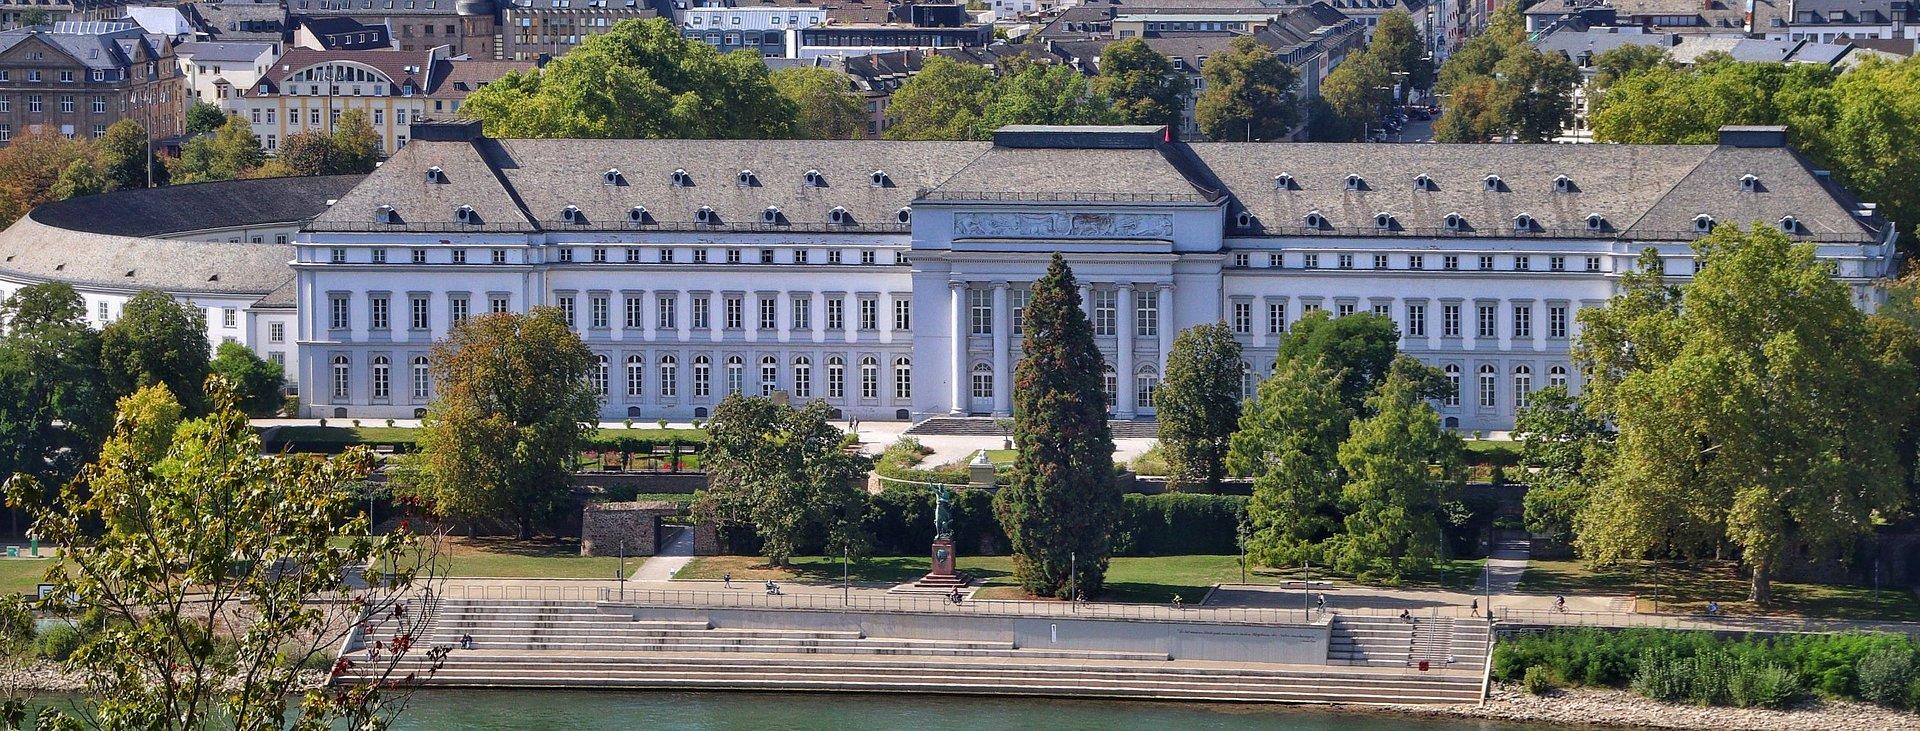 Kurfürstliches Schloss in Koblenz, Romantischer Rhein